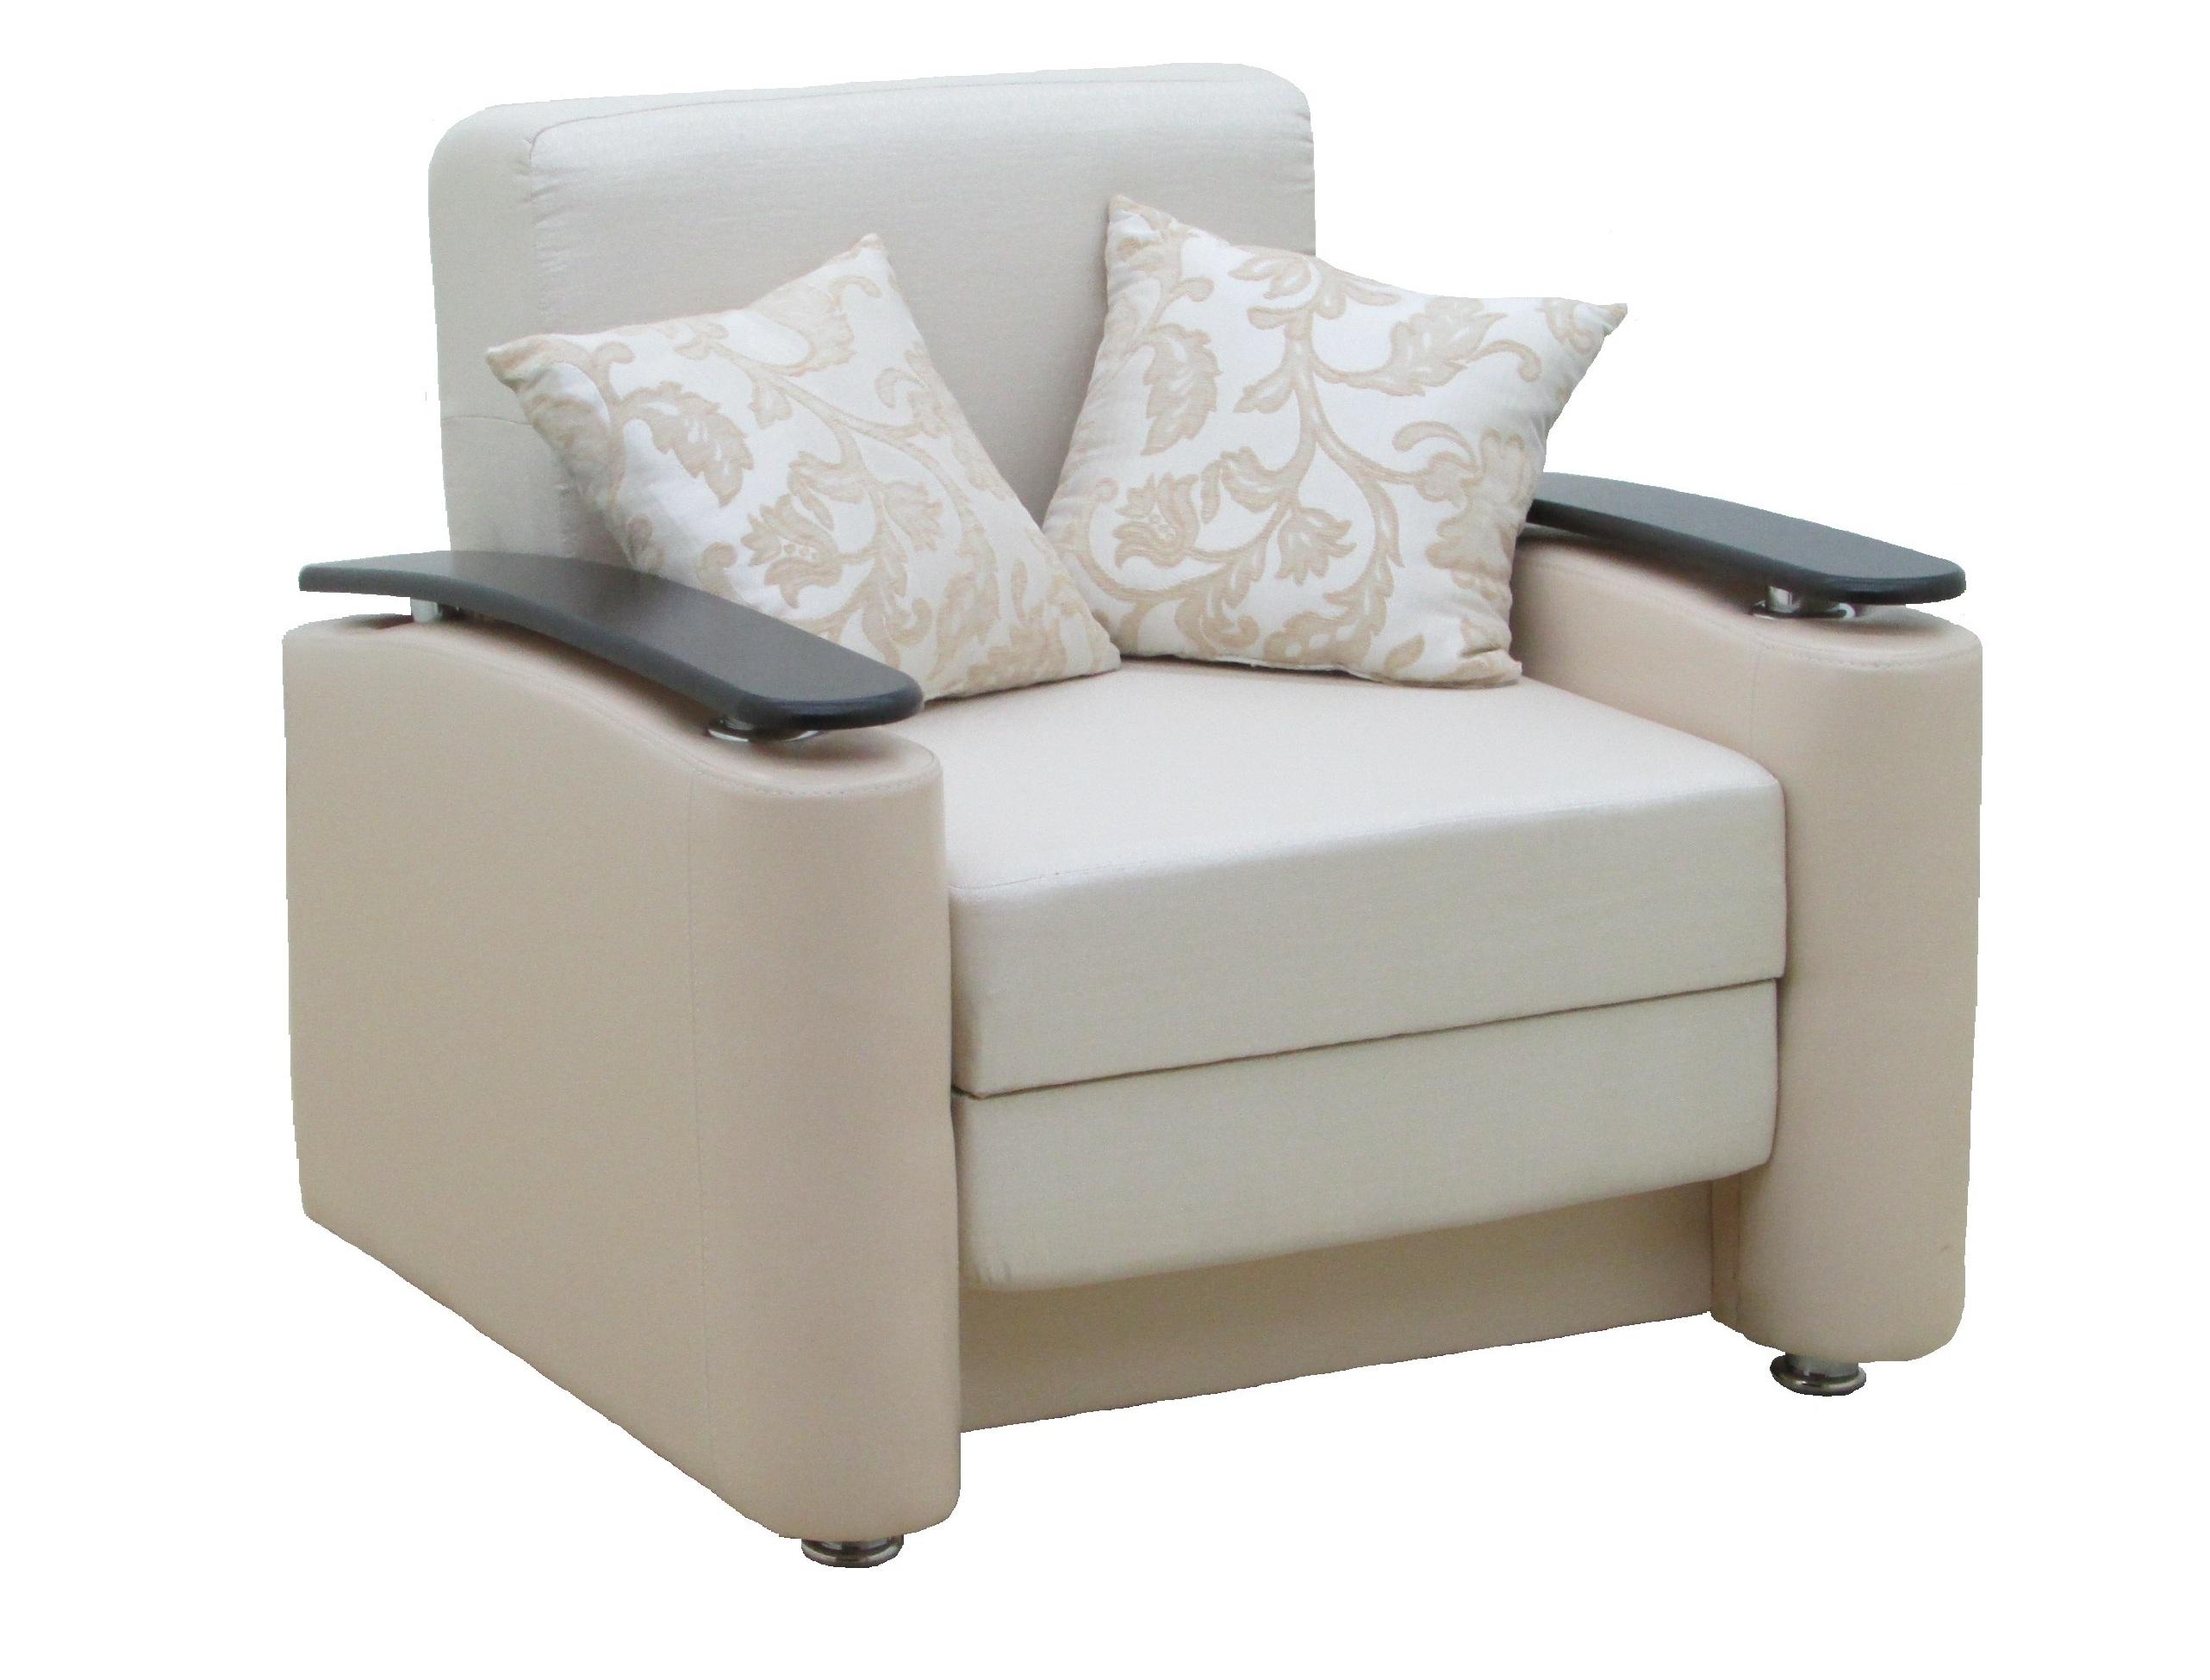 Кресло-кровать Аккордеон Утин — Кресло-кровать Аккордеон